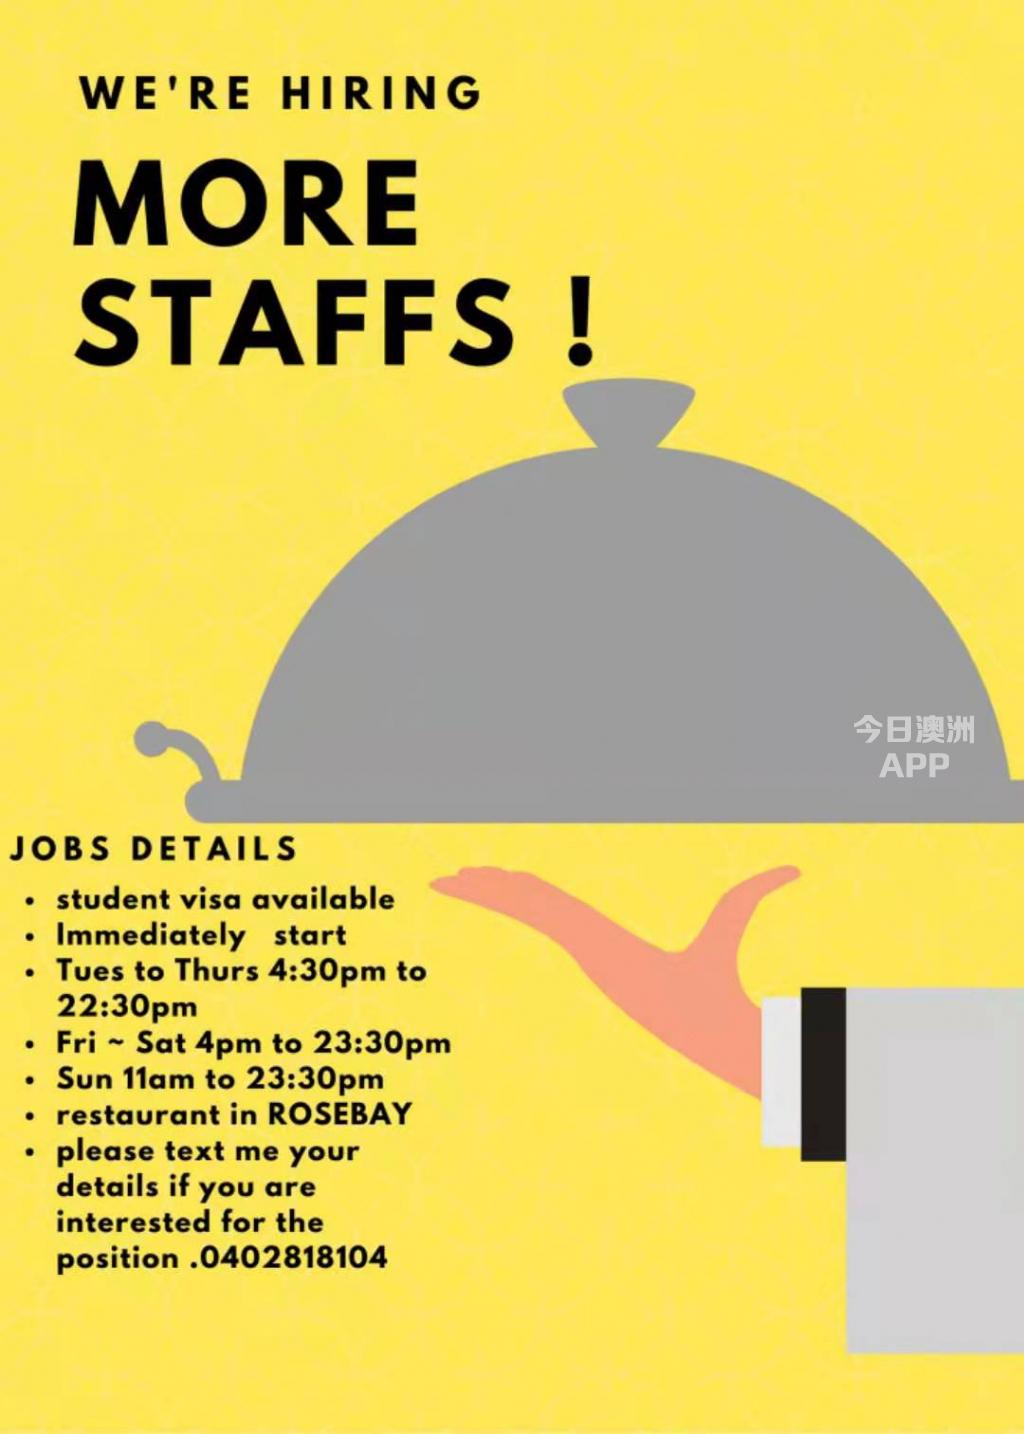 日餐 招前台经理70K起 及 服务员 后厨员工数名  薪优可工签